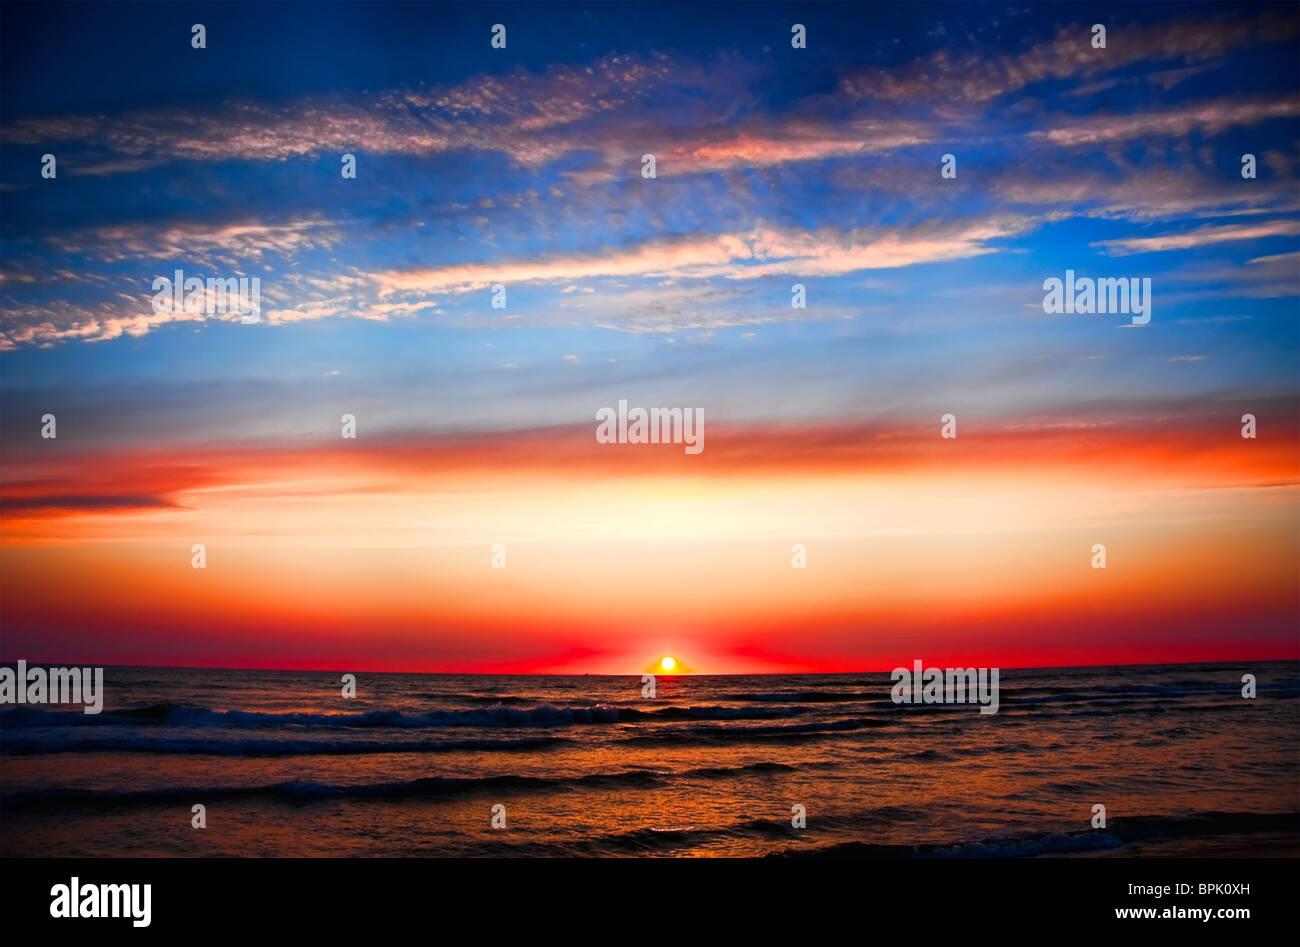 Sonnenuntergang am Meer Stockbild